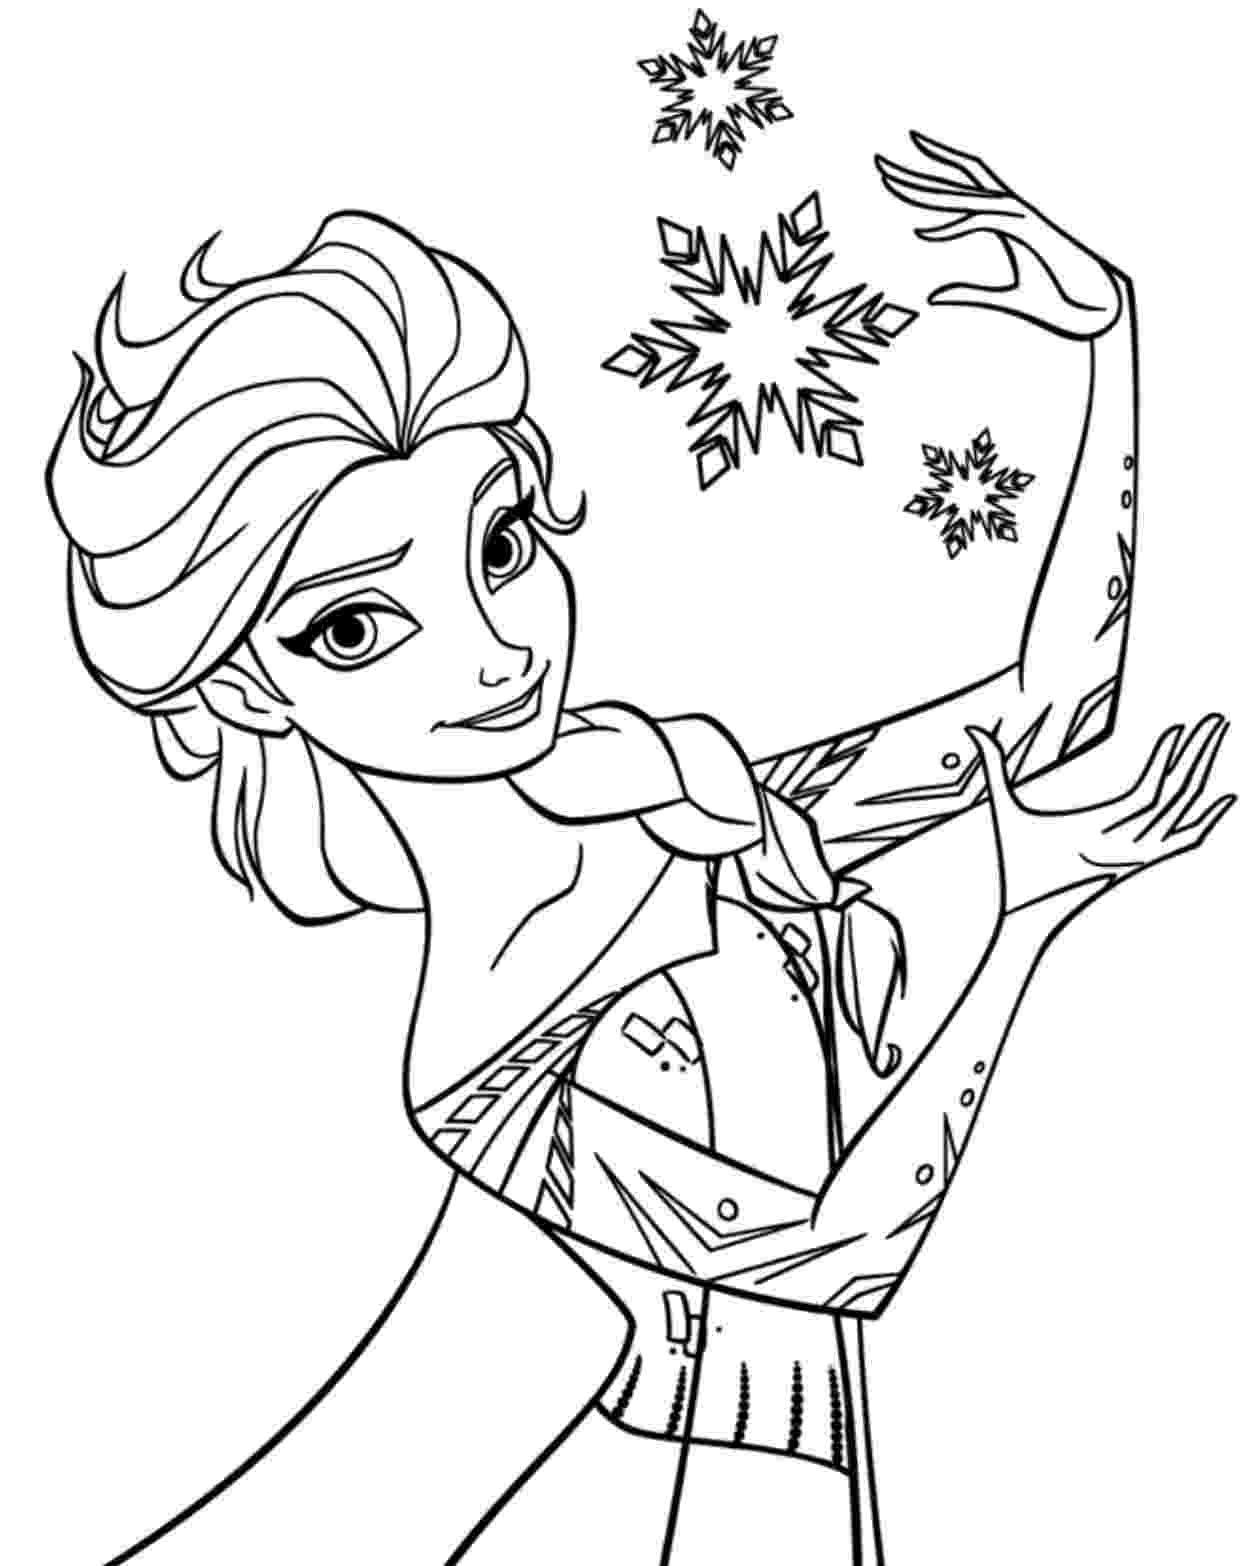 elsa frozen colouring page disney39s frozen coloring pages disneyclipscom frozen colouring elsa page